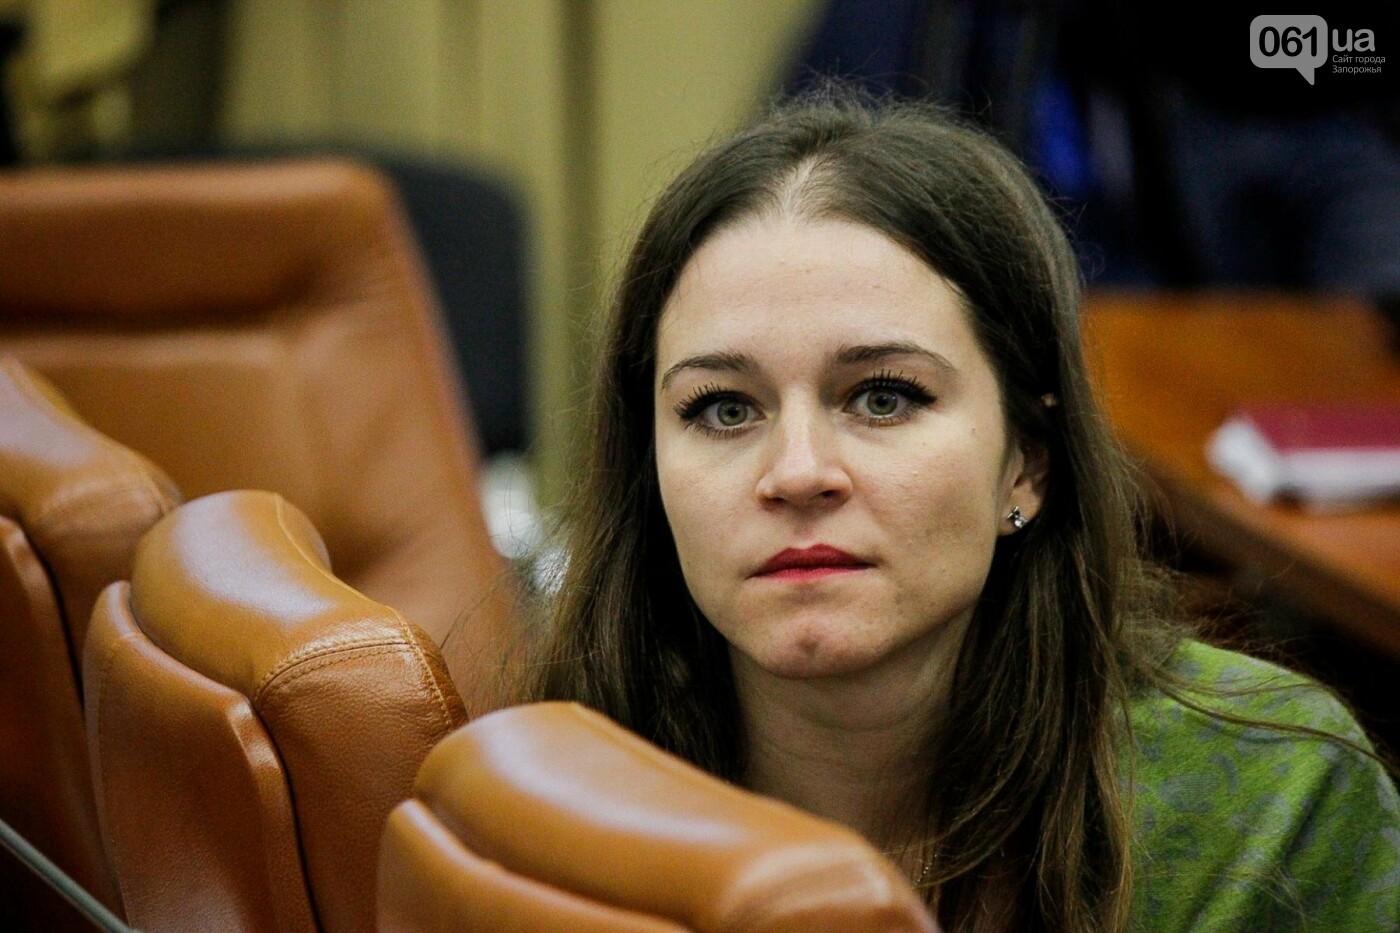 Сессия запорожского горсовета в 55 фотографиях, - ФОТОРЕПОРТАЖ, фото-7